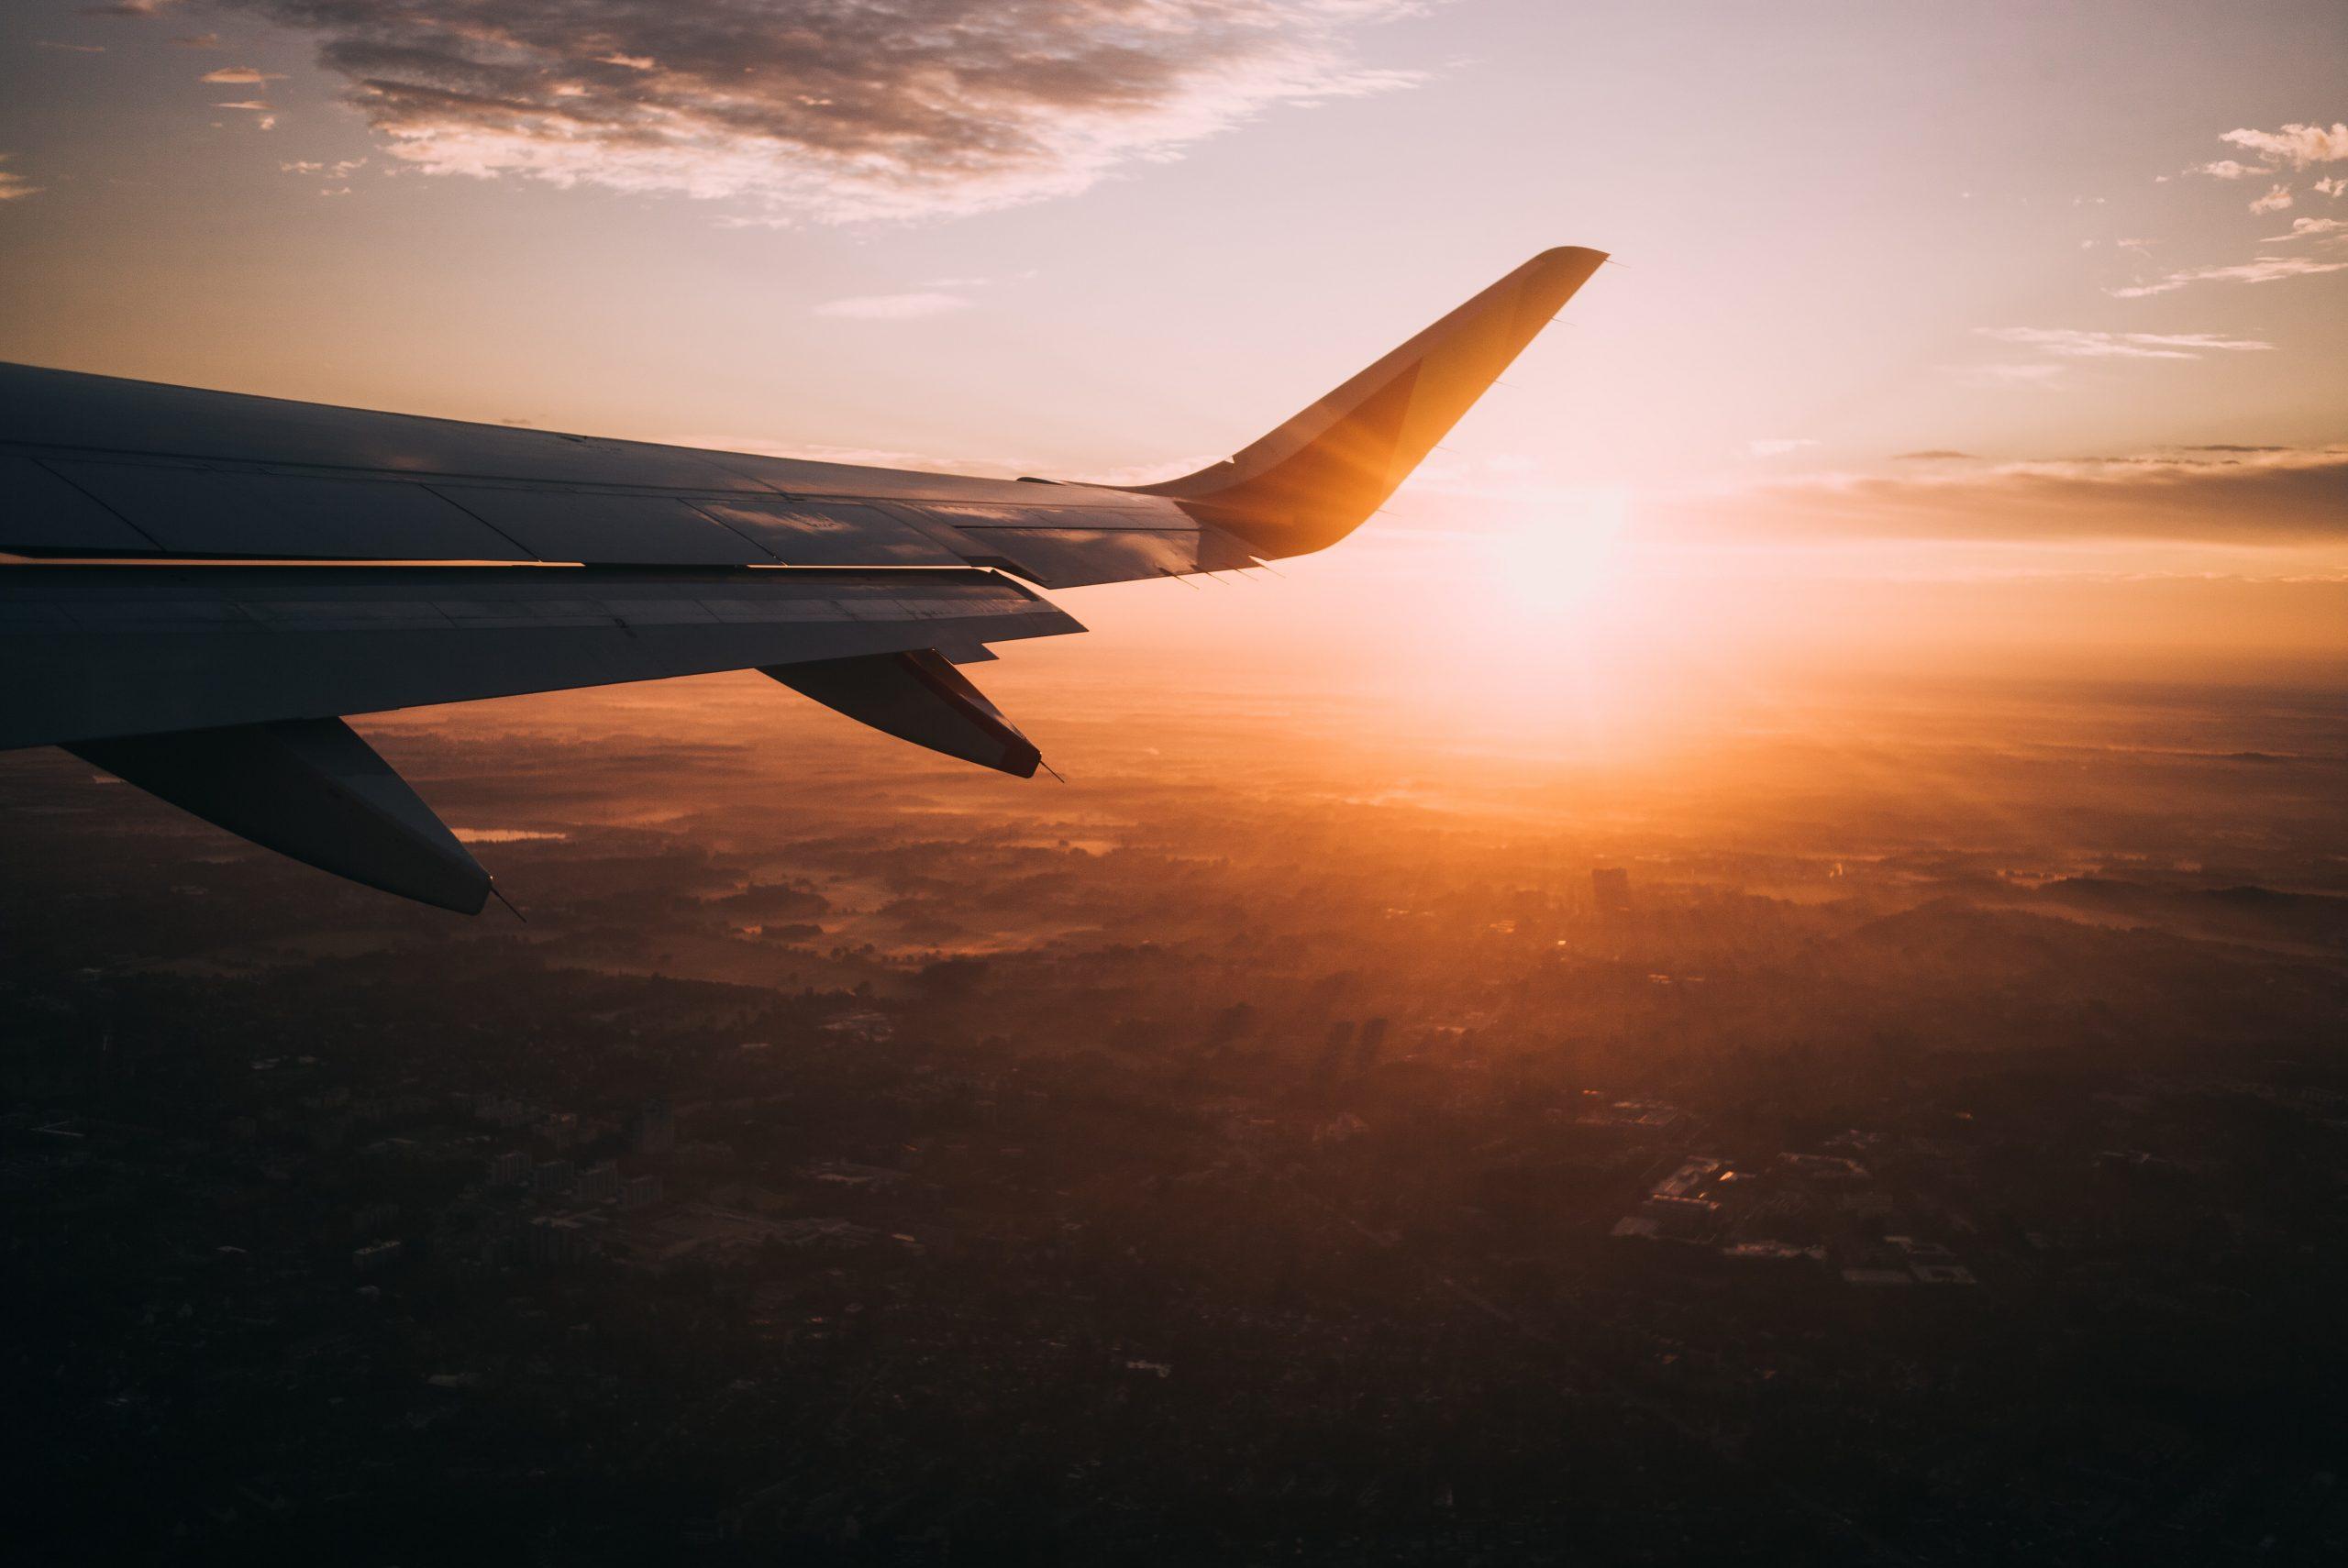 Avion coucher de soleil